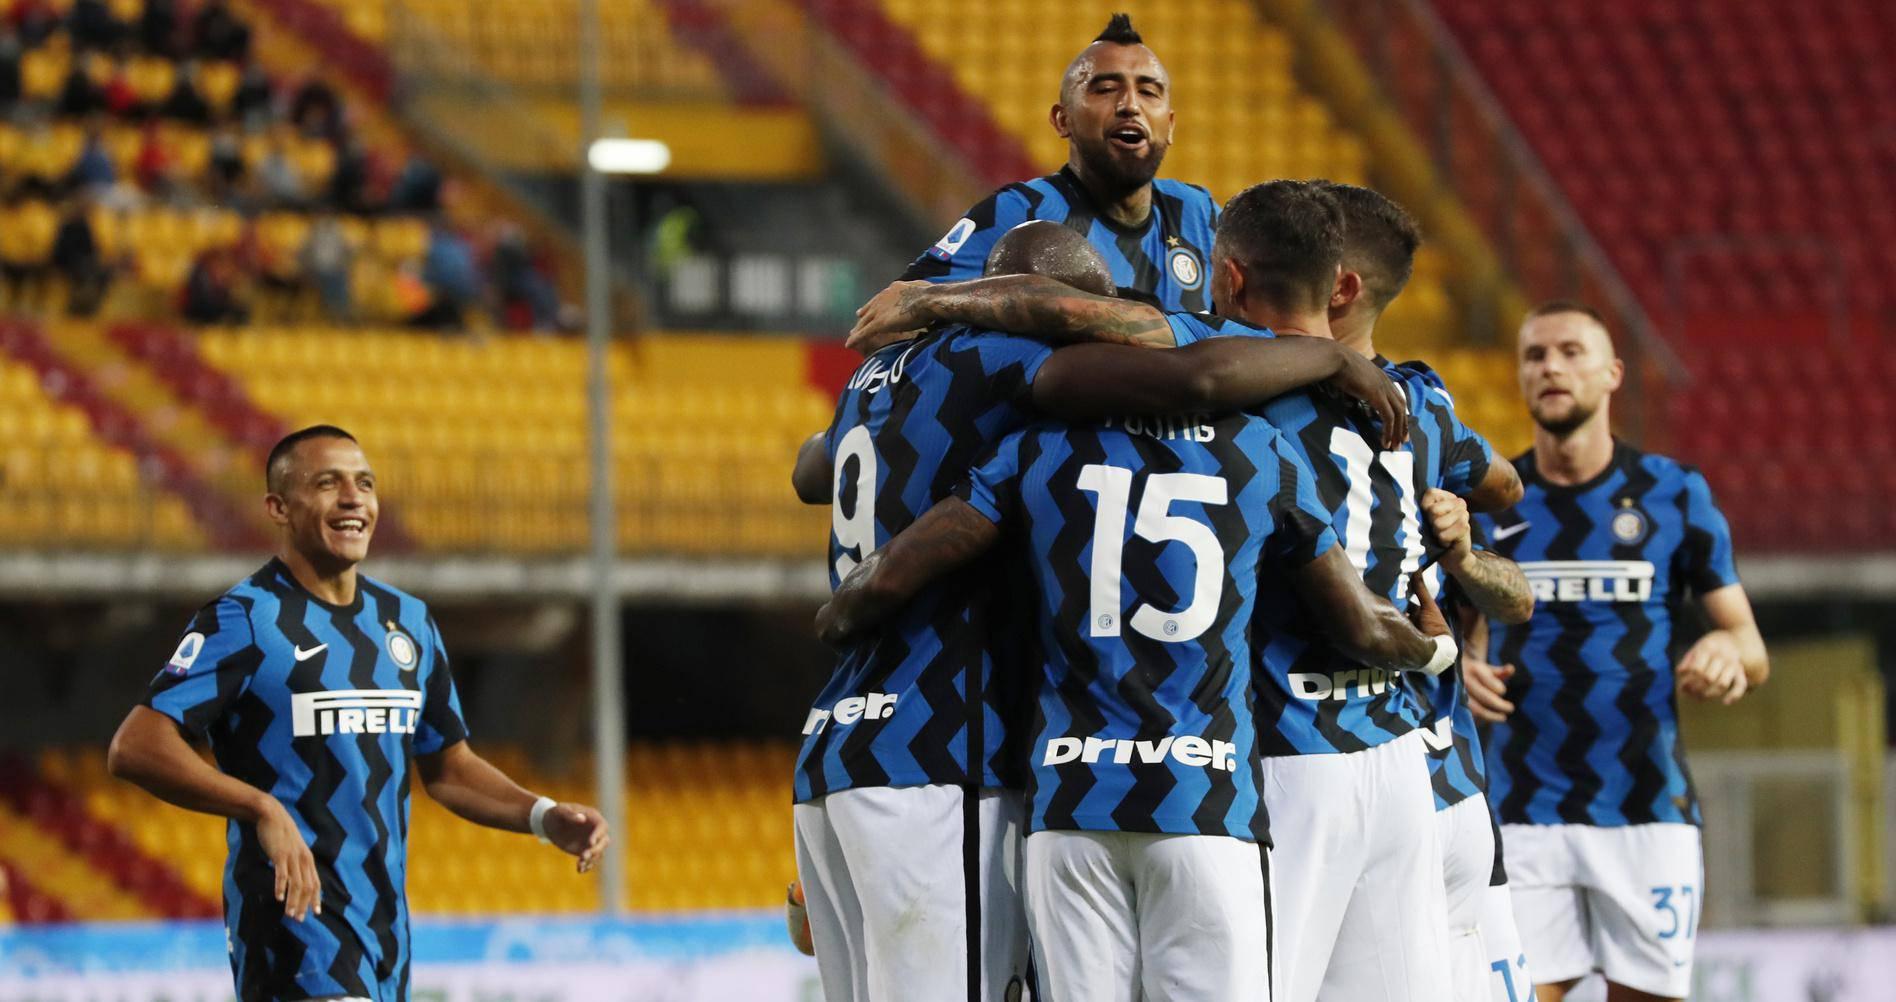 Serie A - Benevento v Inter Milan